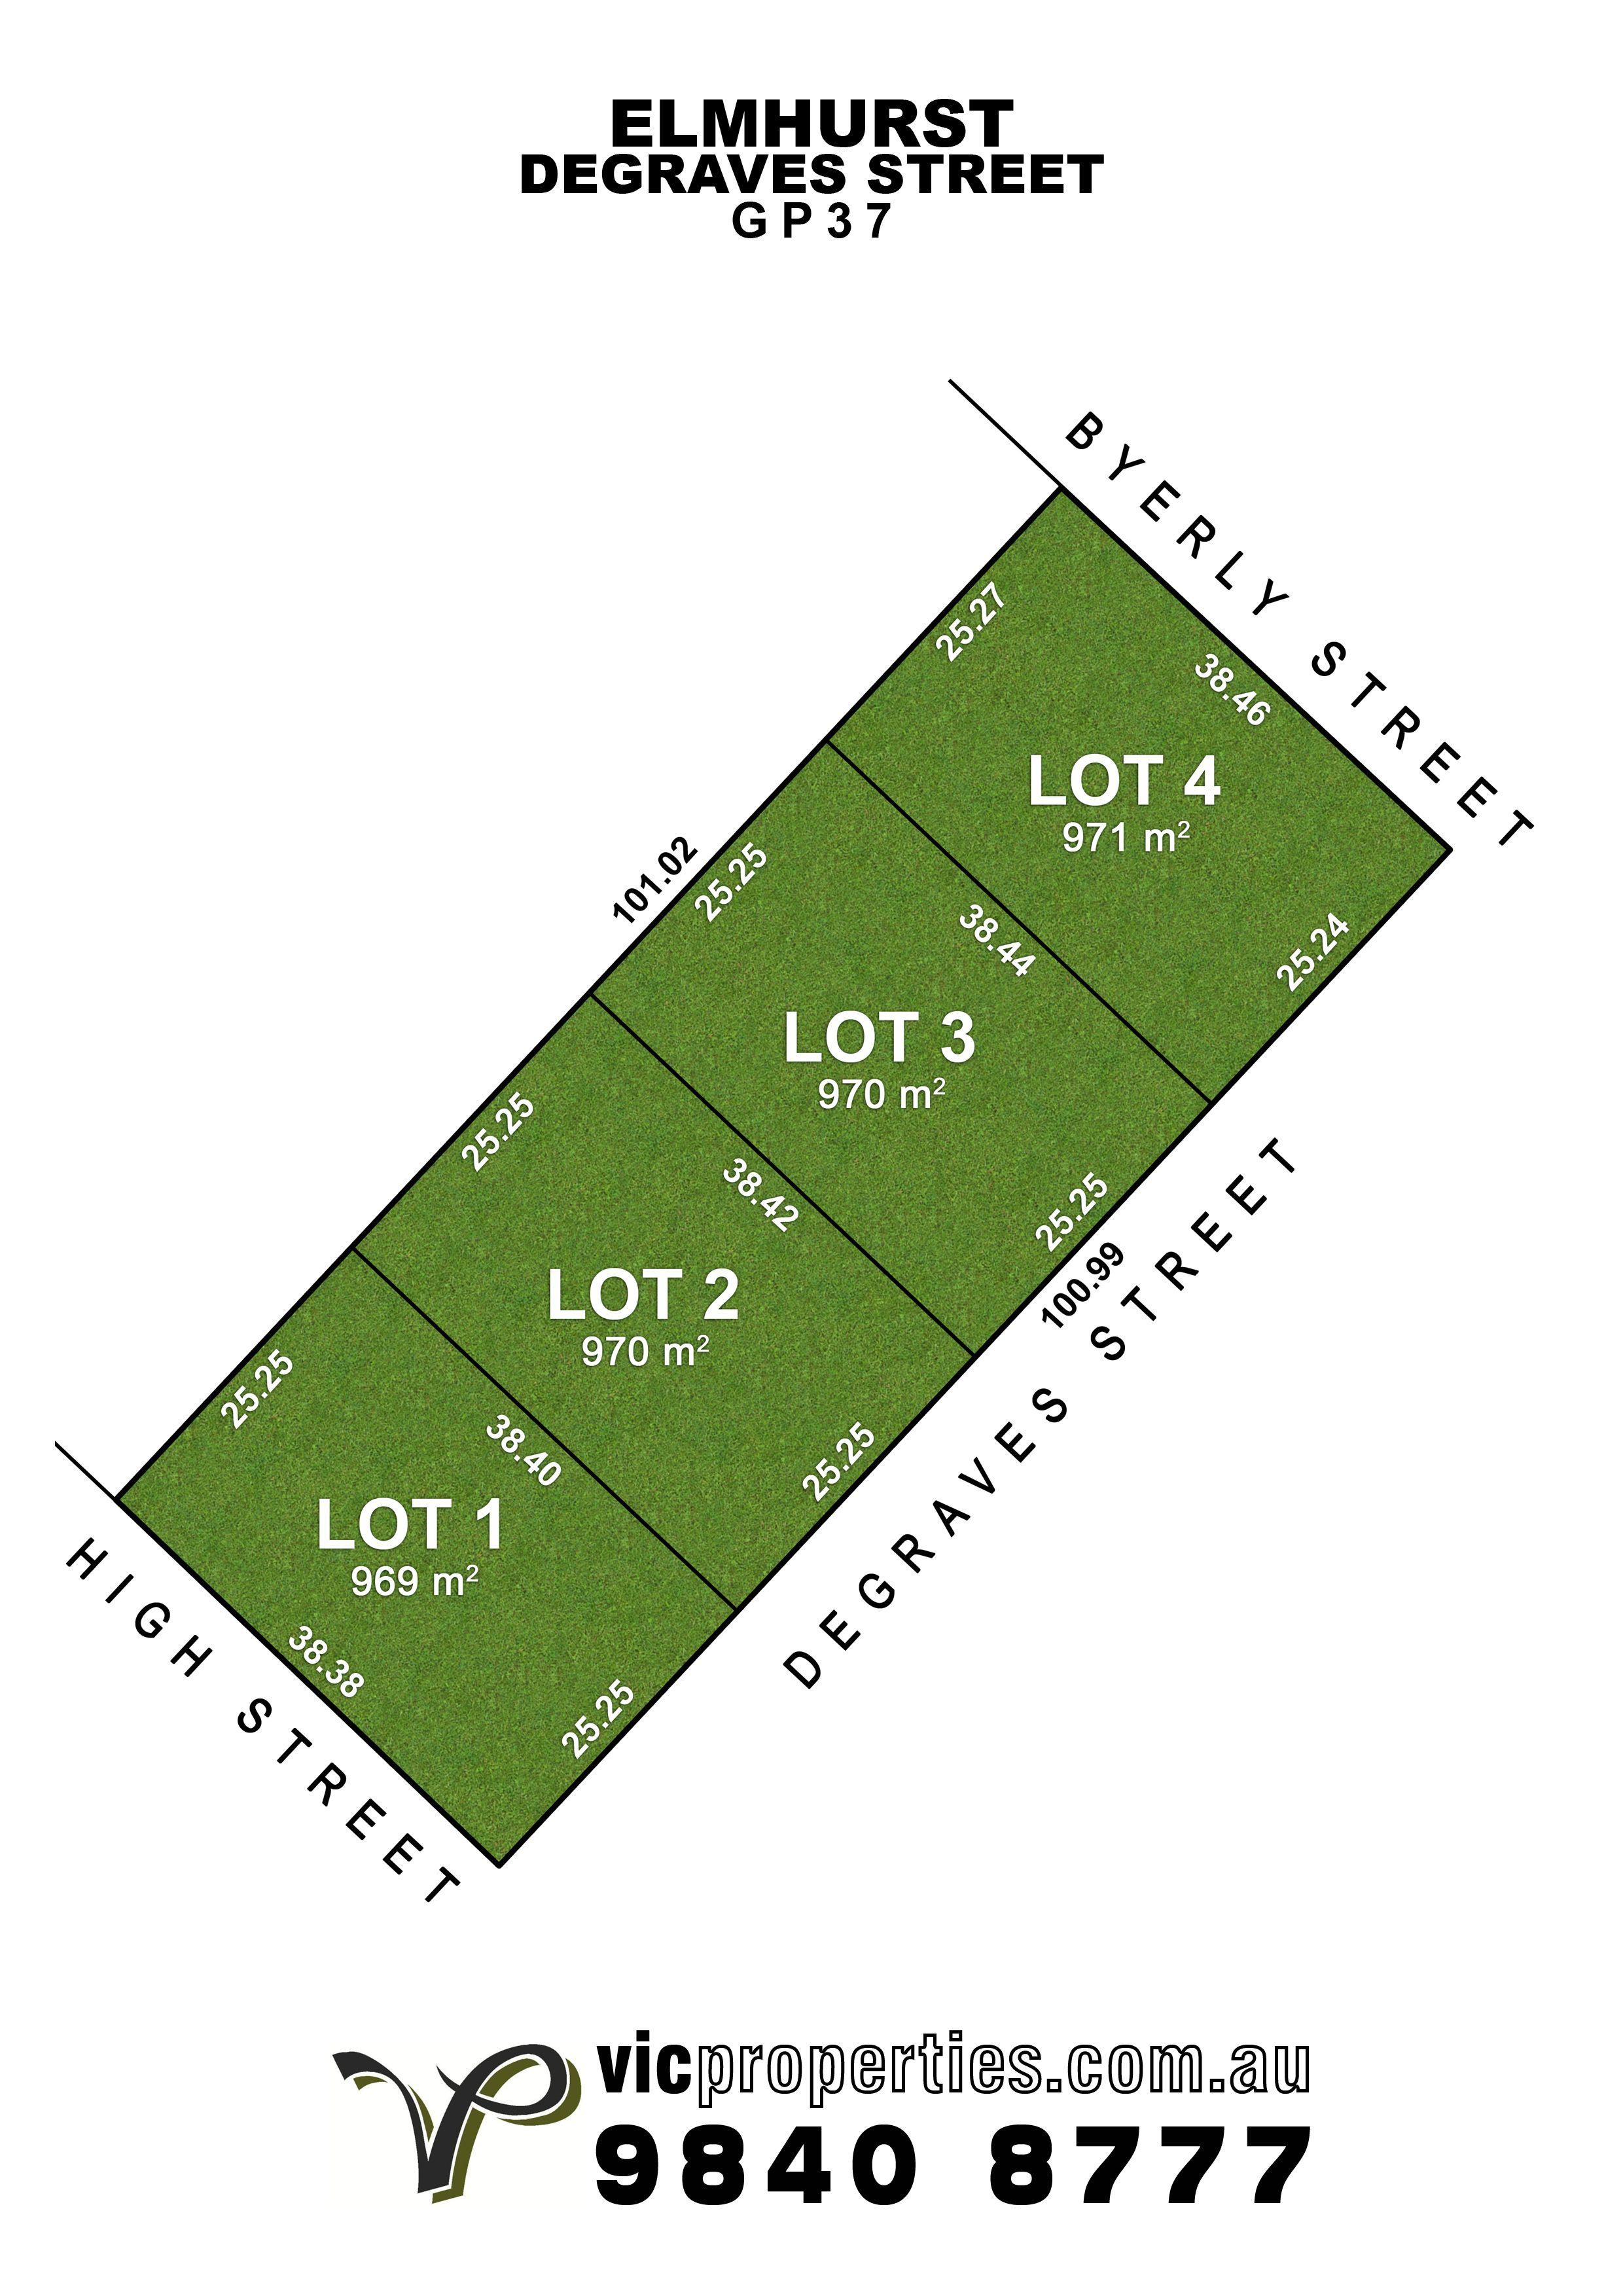 Lot 2/ Degraves Street, Elmhurst VIC 3469